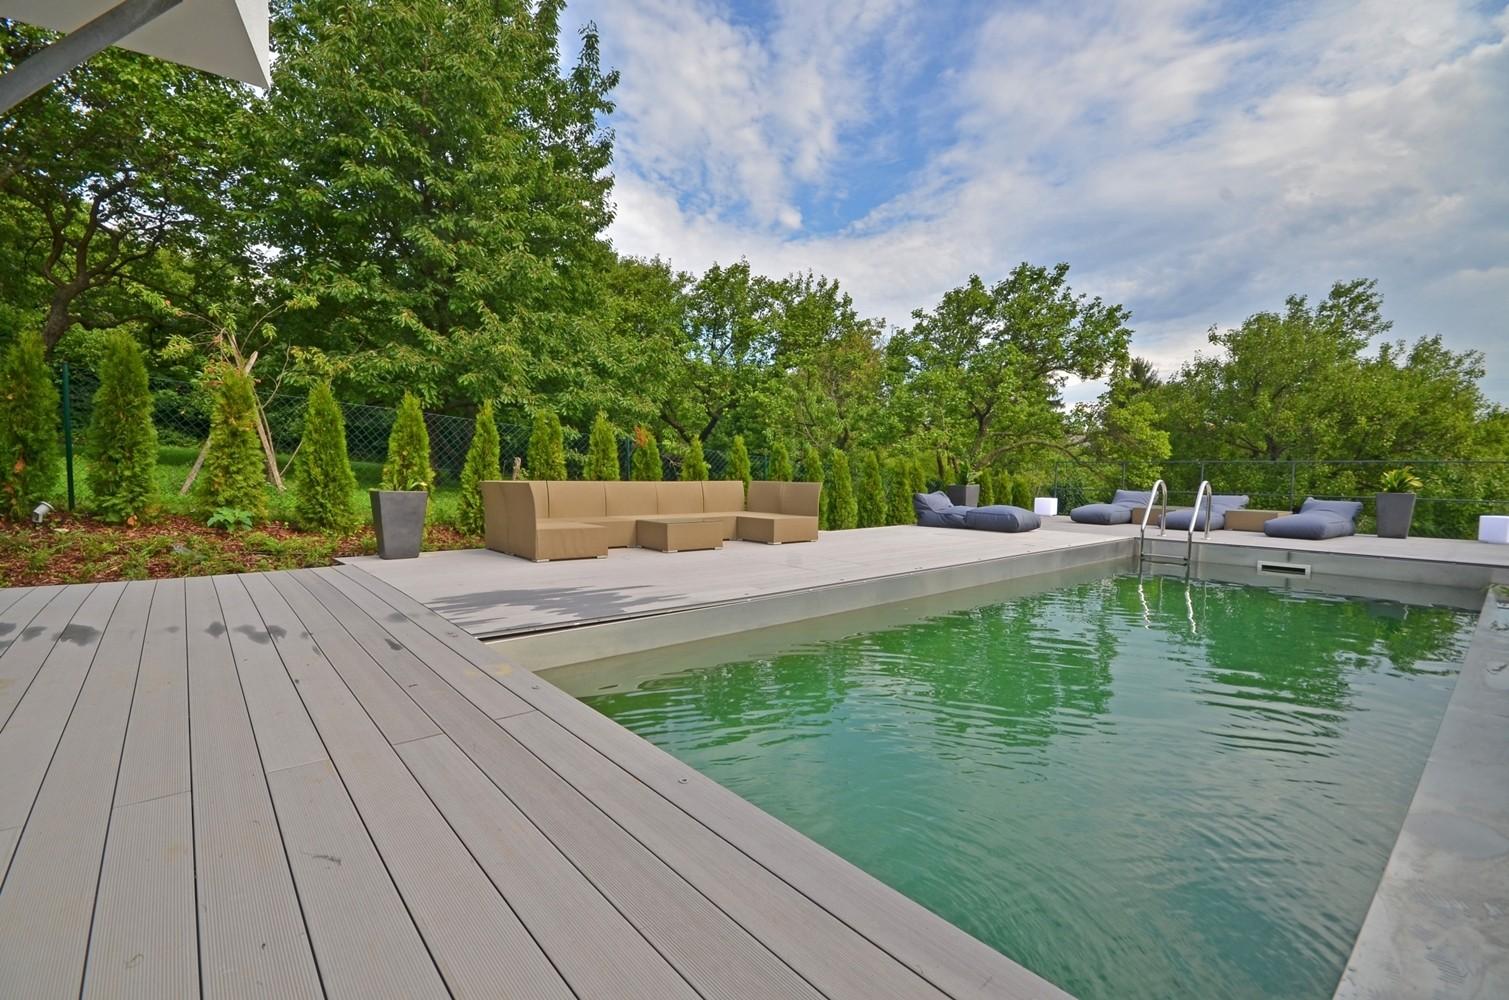 Dise o de piscinas naturales en espacios peque os for Diseno de espacios pequenos